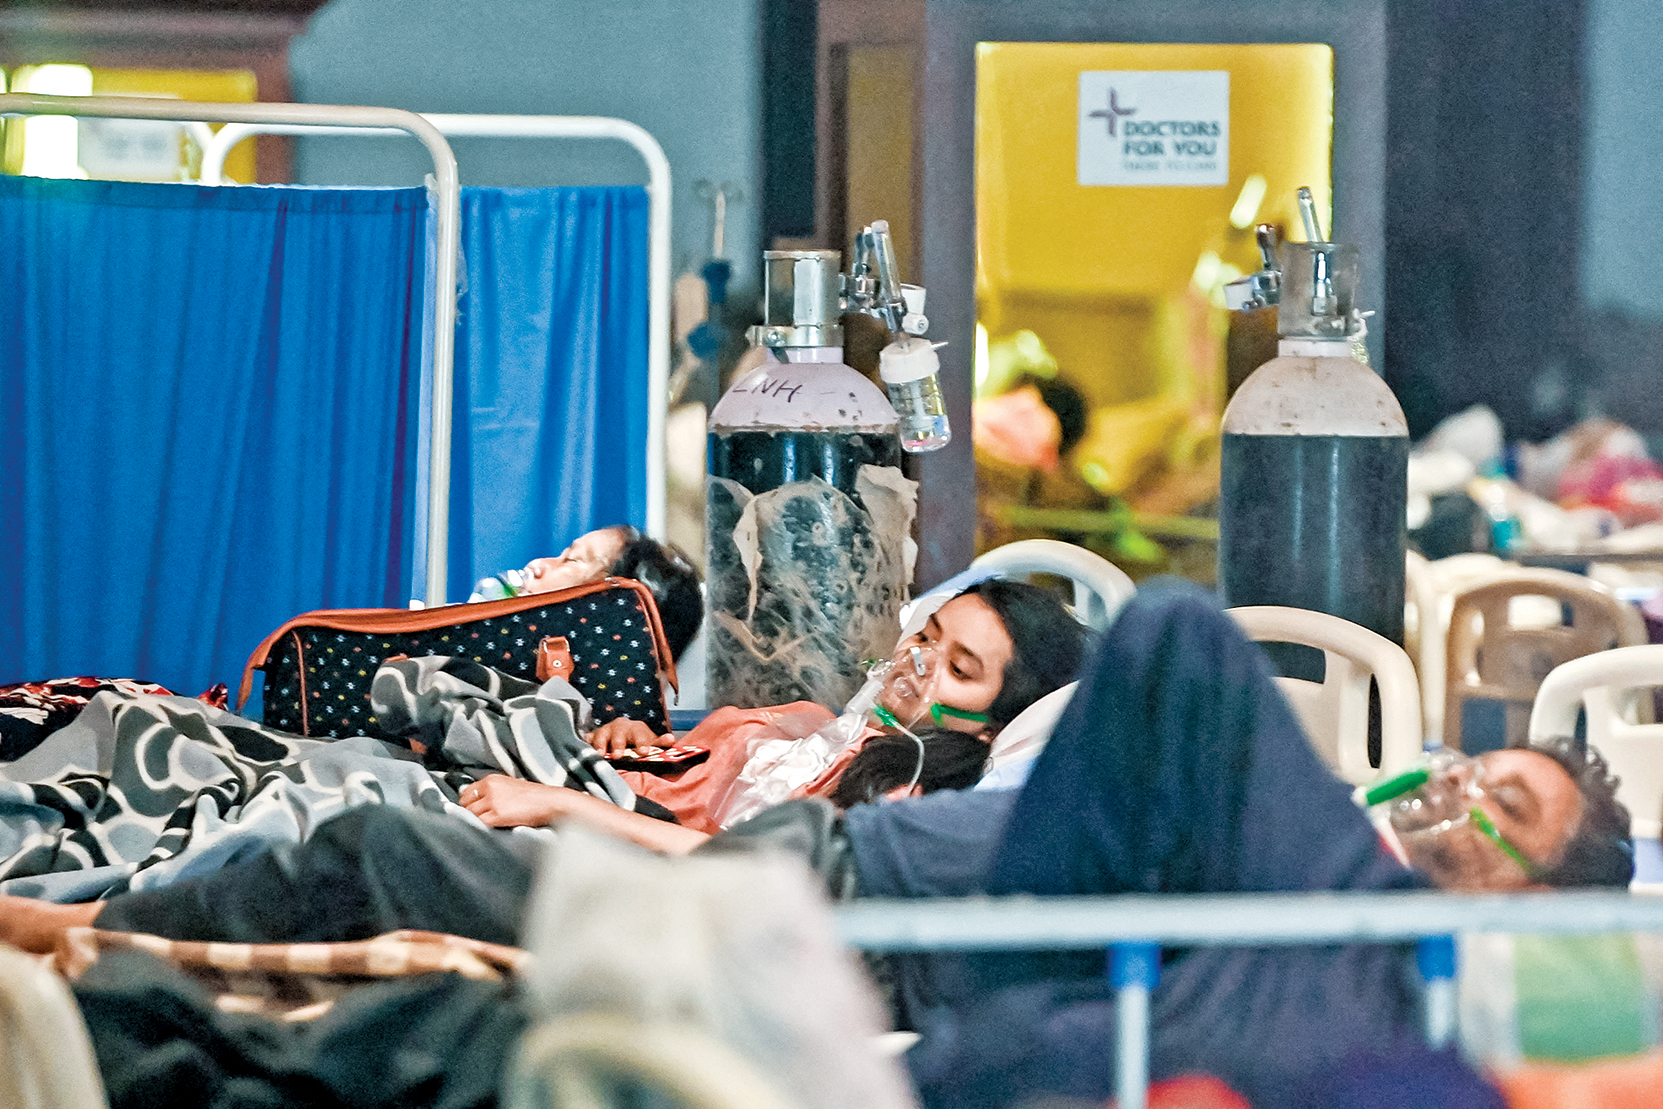 印度這次病毒傳播加速,而且開始出現年輕人感染、死亡雙數據都迅速飆升的趨勢。圖為4月27日,印度中共病毒患者正在一家由餐廳臨時改造的病房內吸氧。(Getty Images)